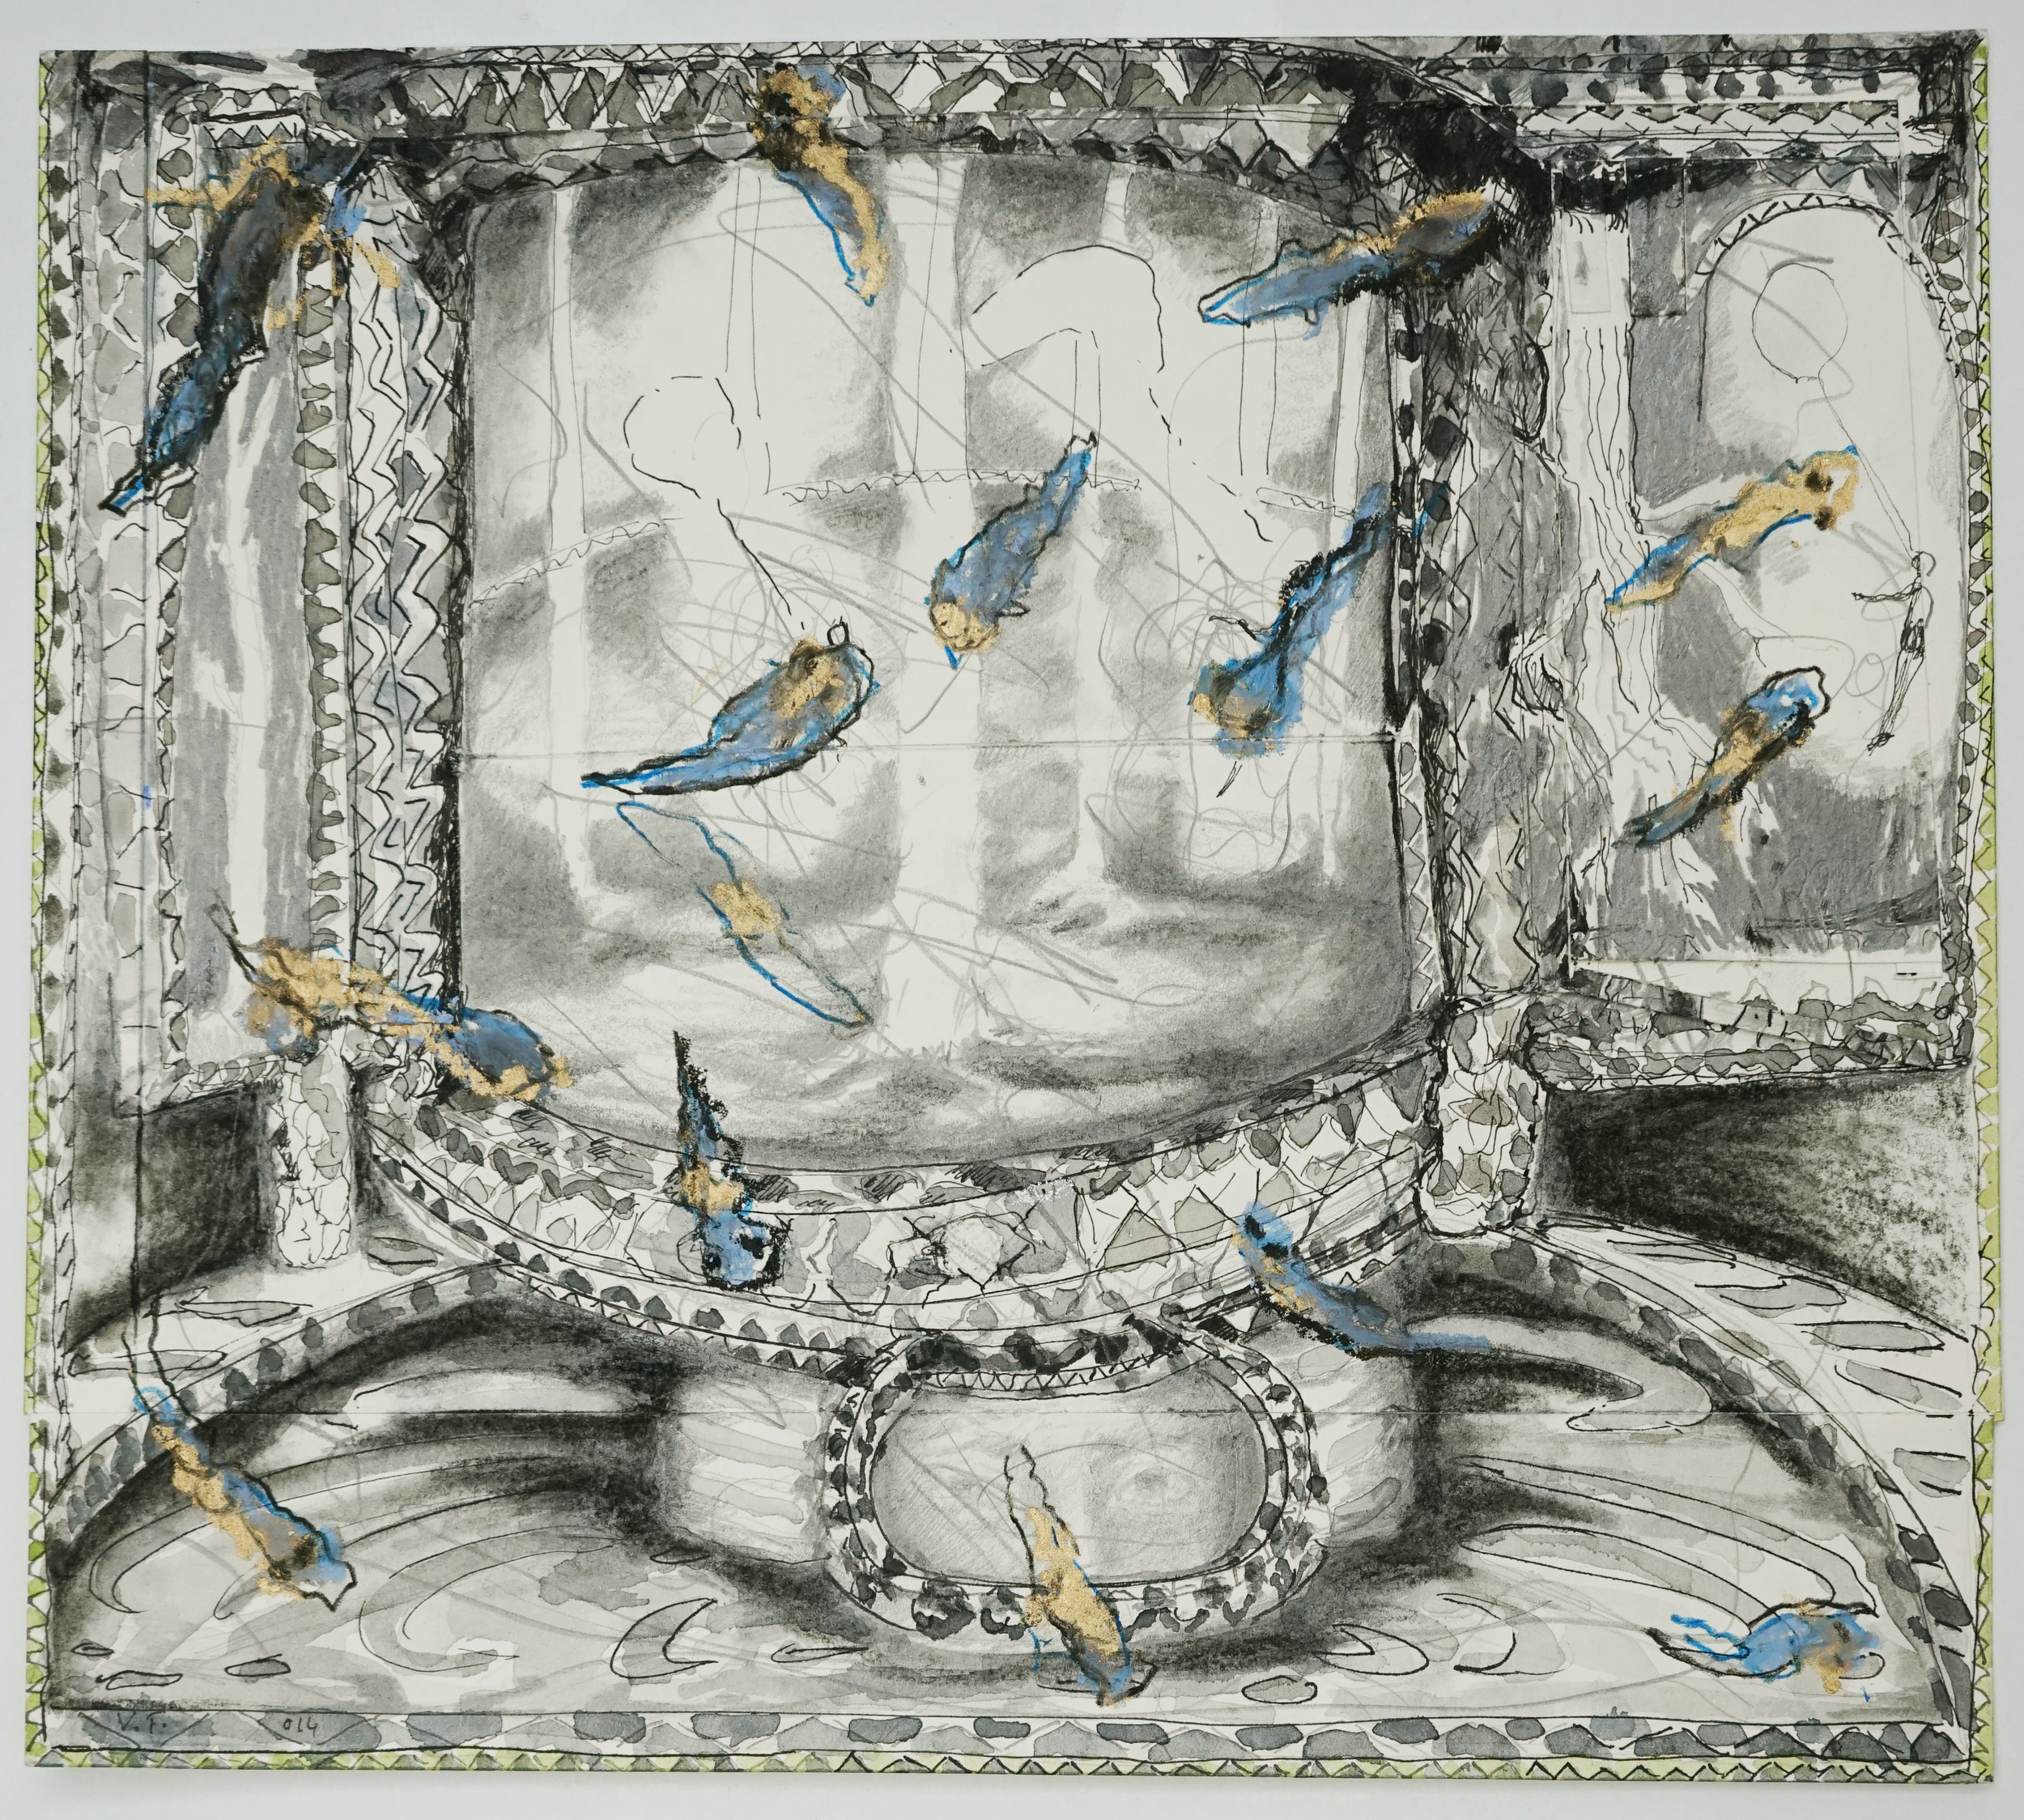 """Valérie Favre, """"Têtards"""", de la série """"Les Petits Théâtres de la Vie"""", encre de Chine, aquarelle, graphite, pastel gras et sec sur papier, 29.7 x 26.5 cm, 2014"""